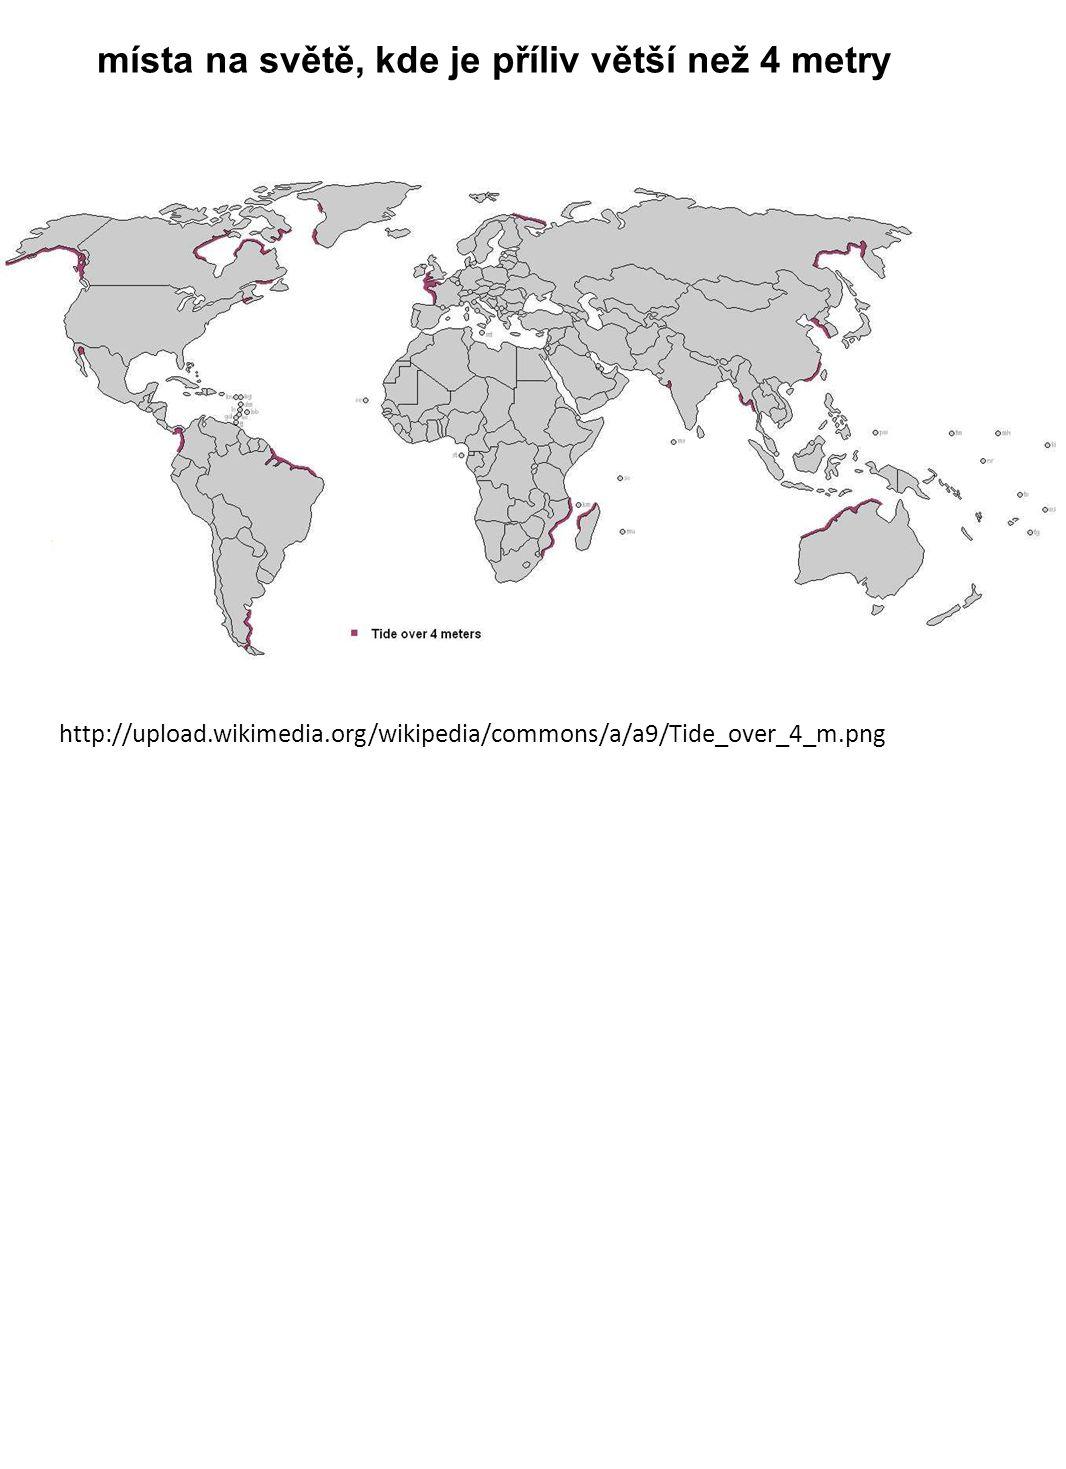 místa na světě, kde je příliv větší než 4 metry